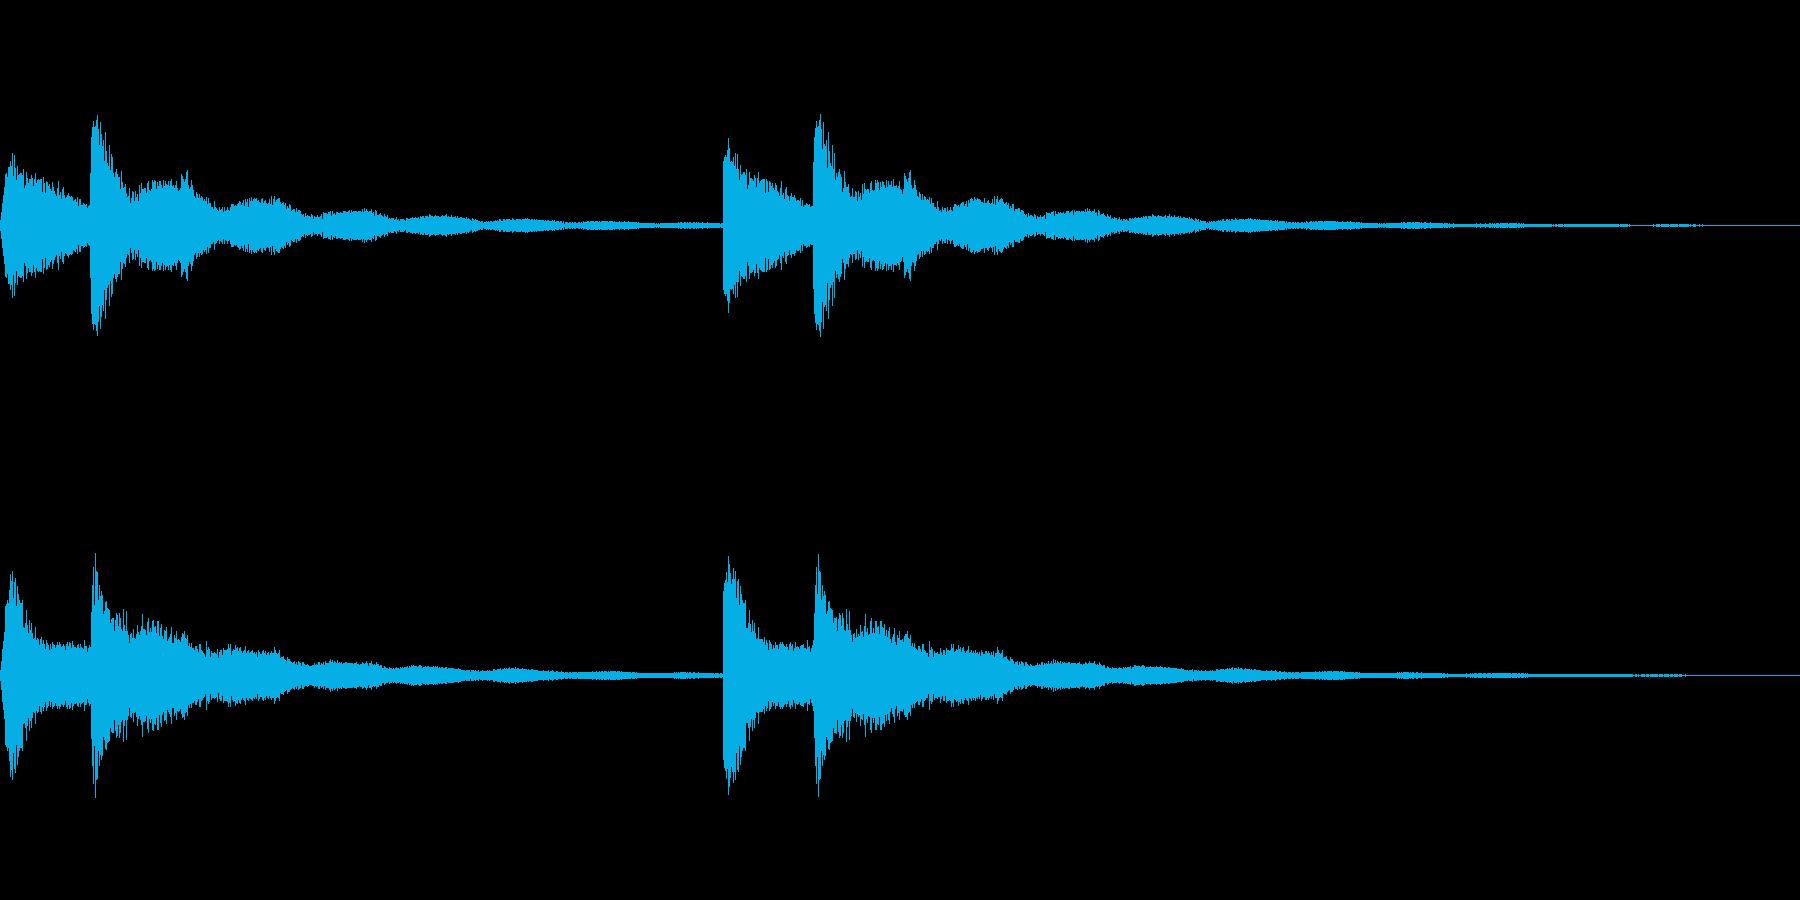 高級マンションのピンポン~少し早め~の再生済みの波形